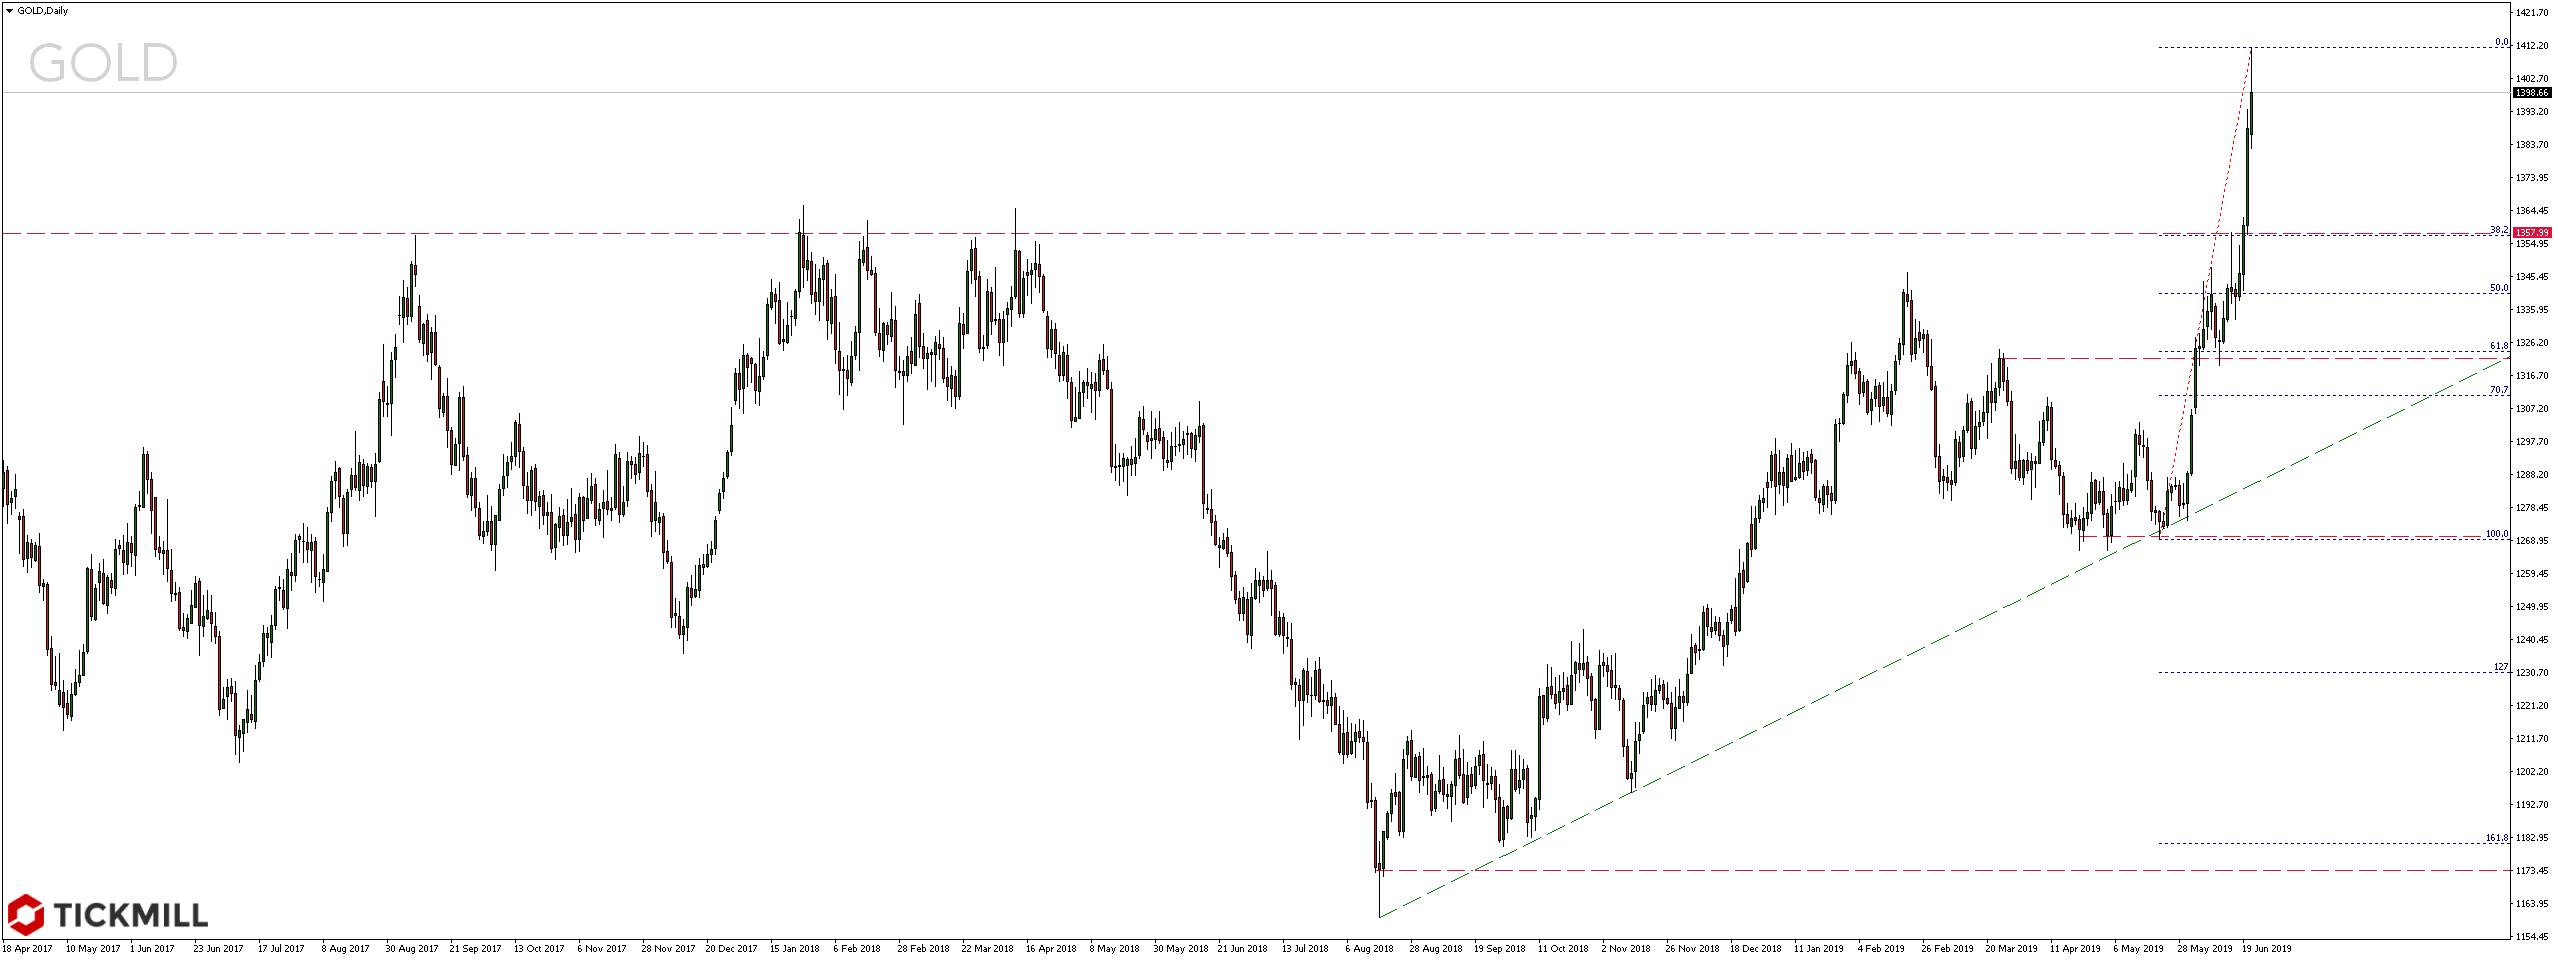 Cena złota najwyżej od lat